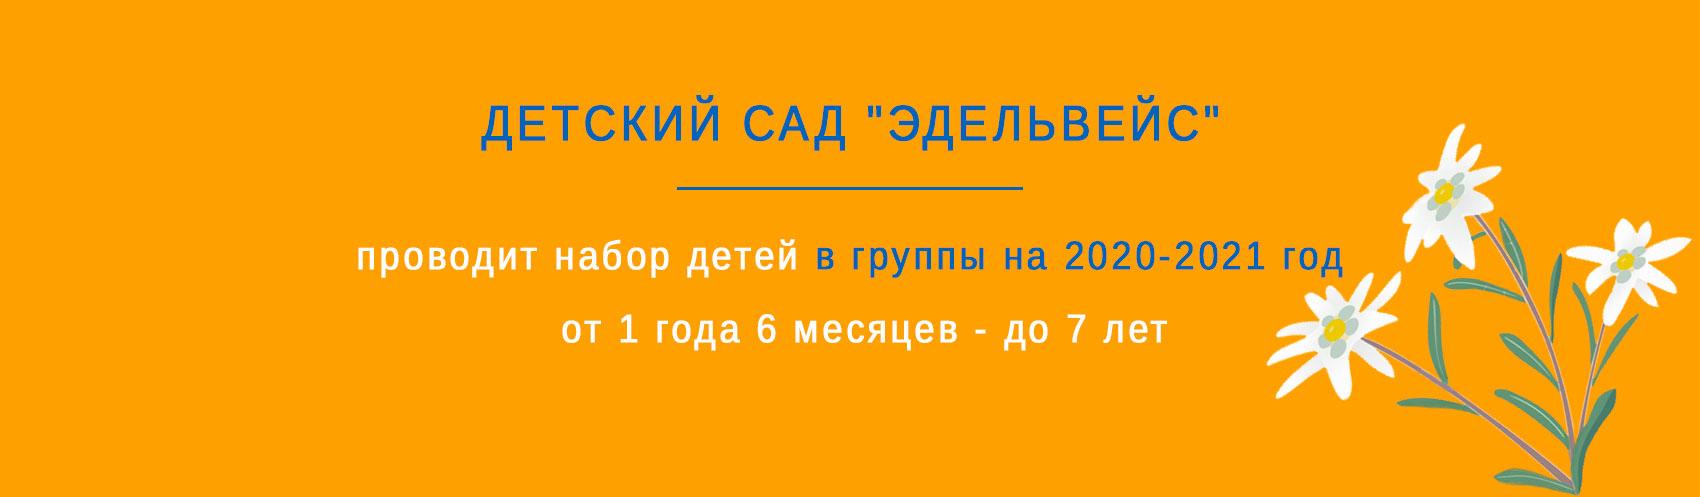 gruppi-2020